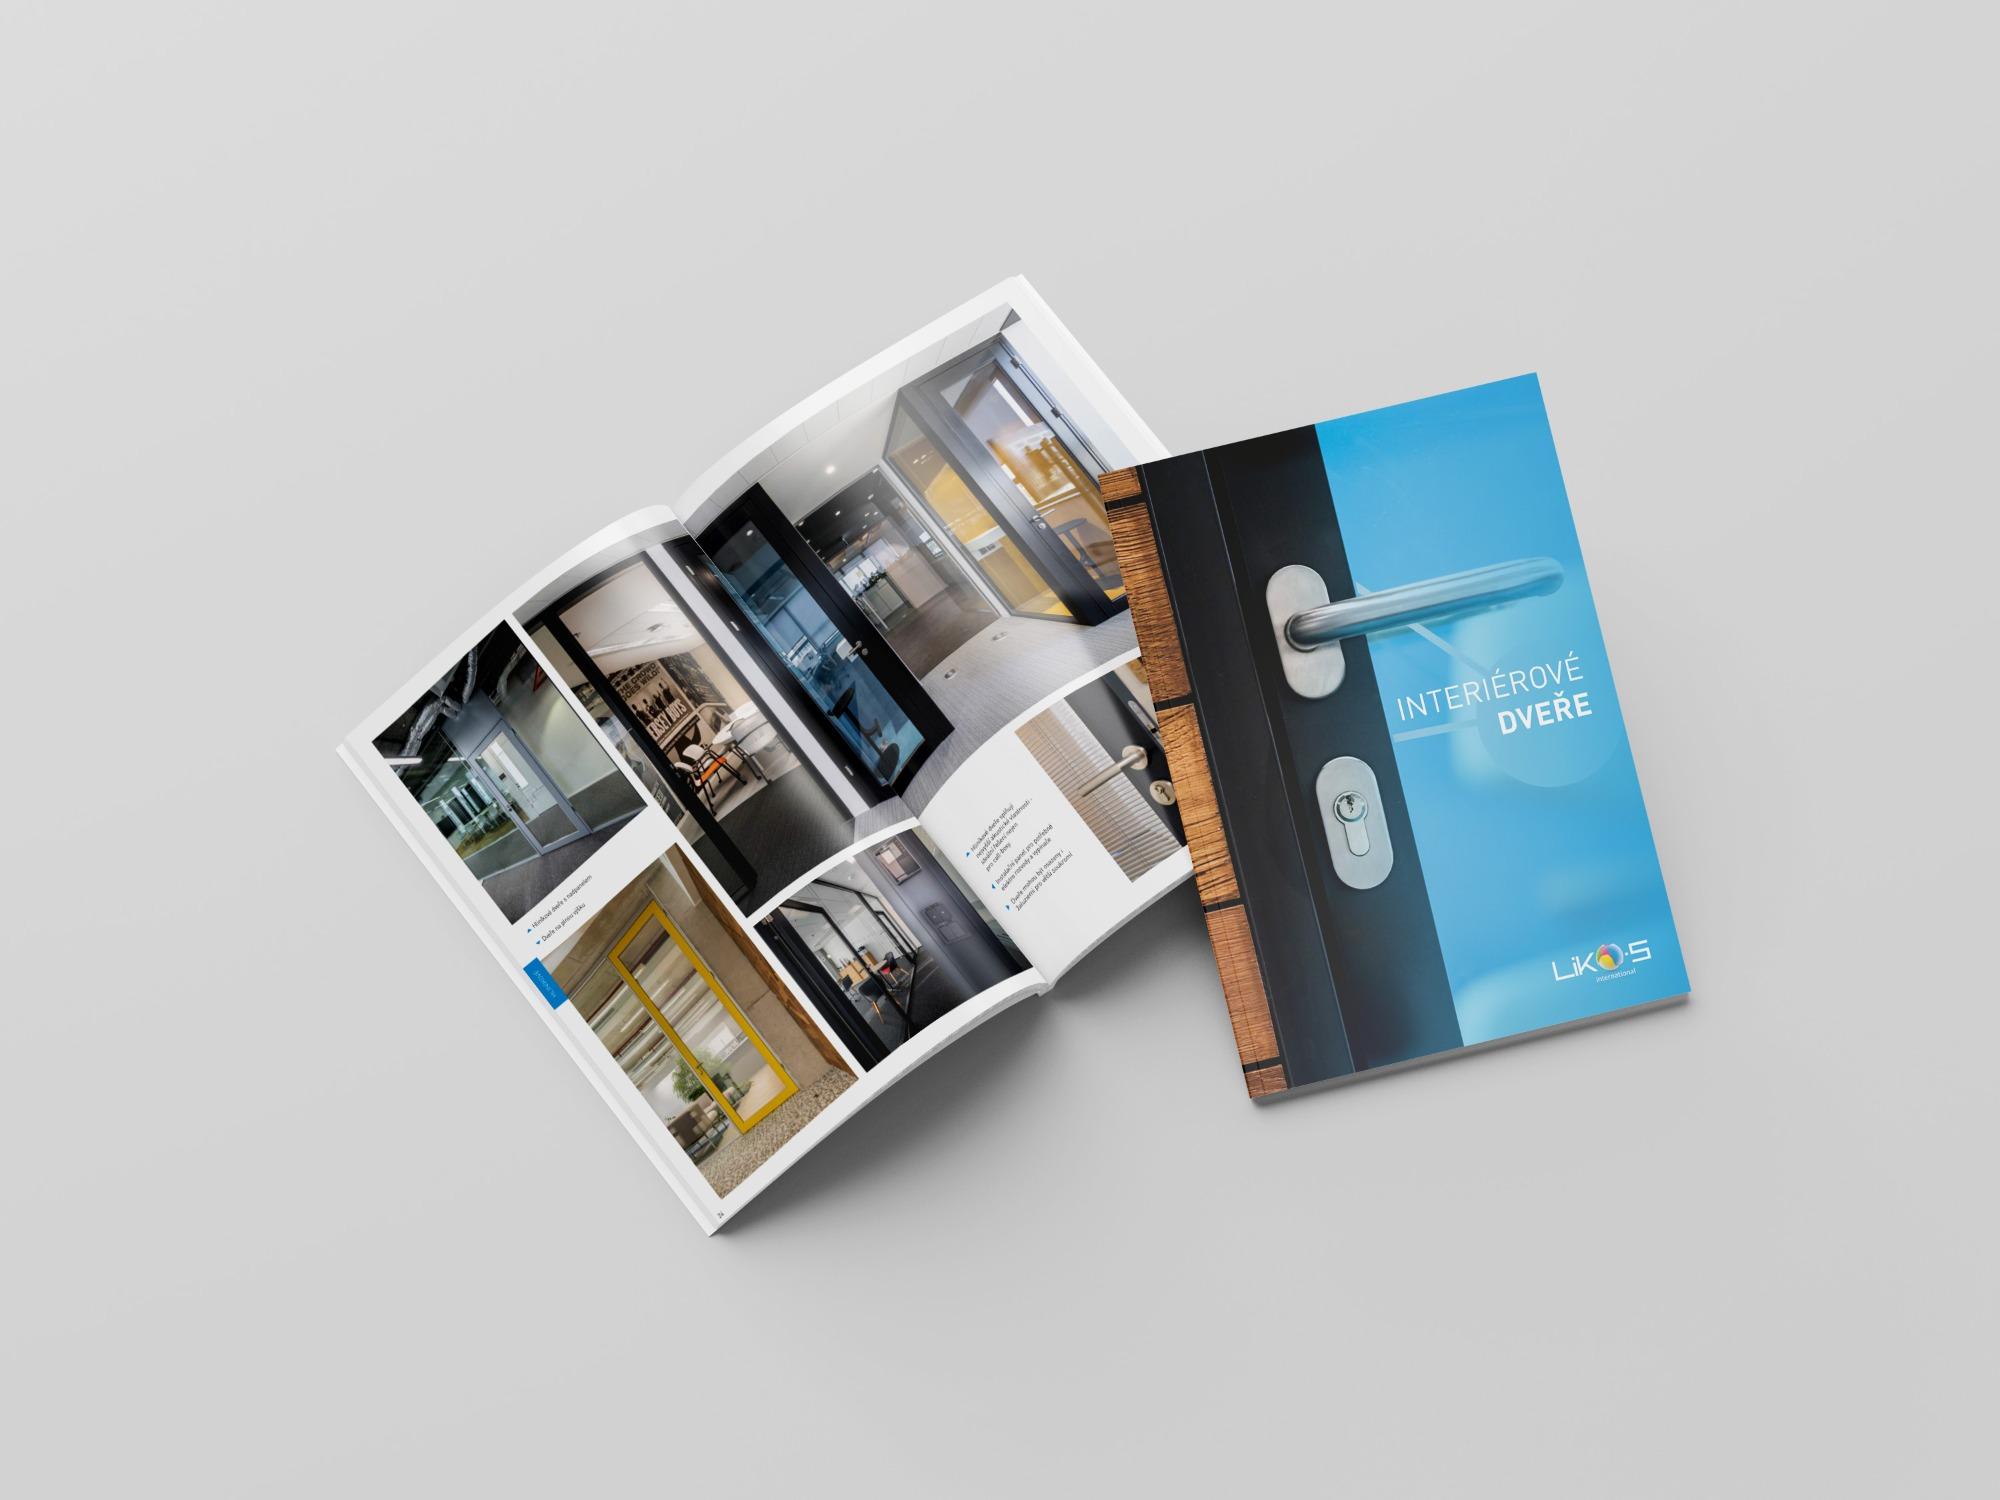 Megjelent új Beltéri ajtók brosúránk!